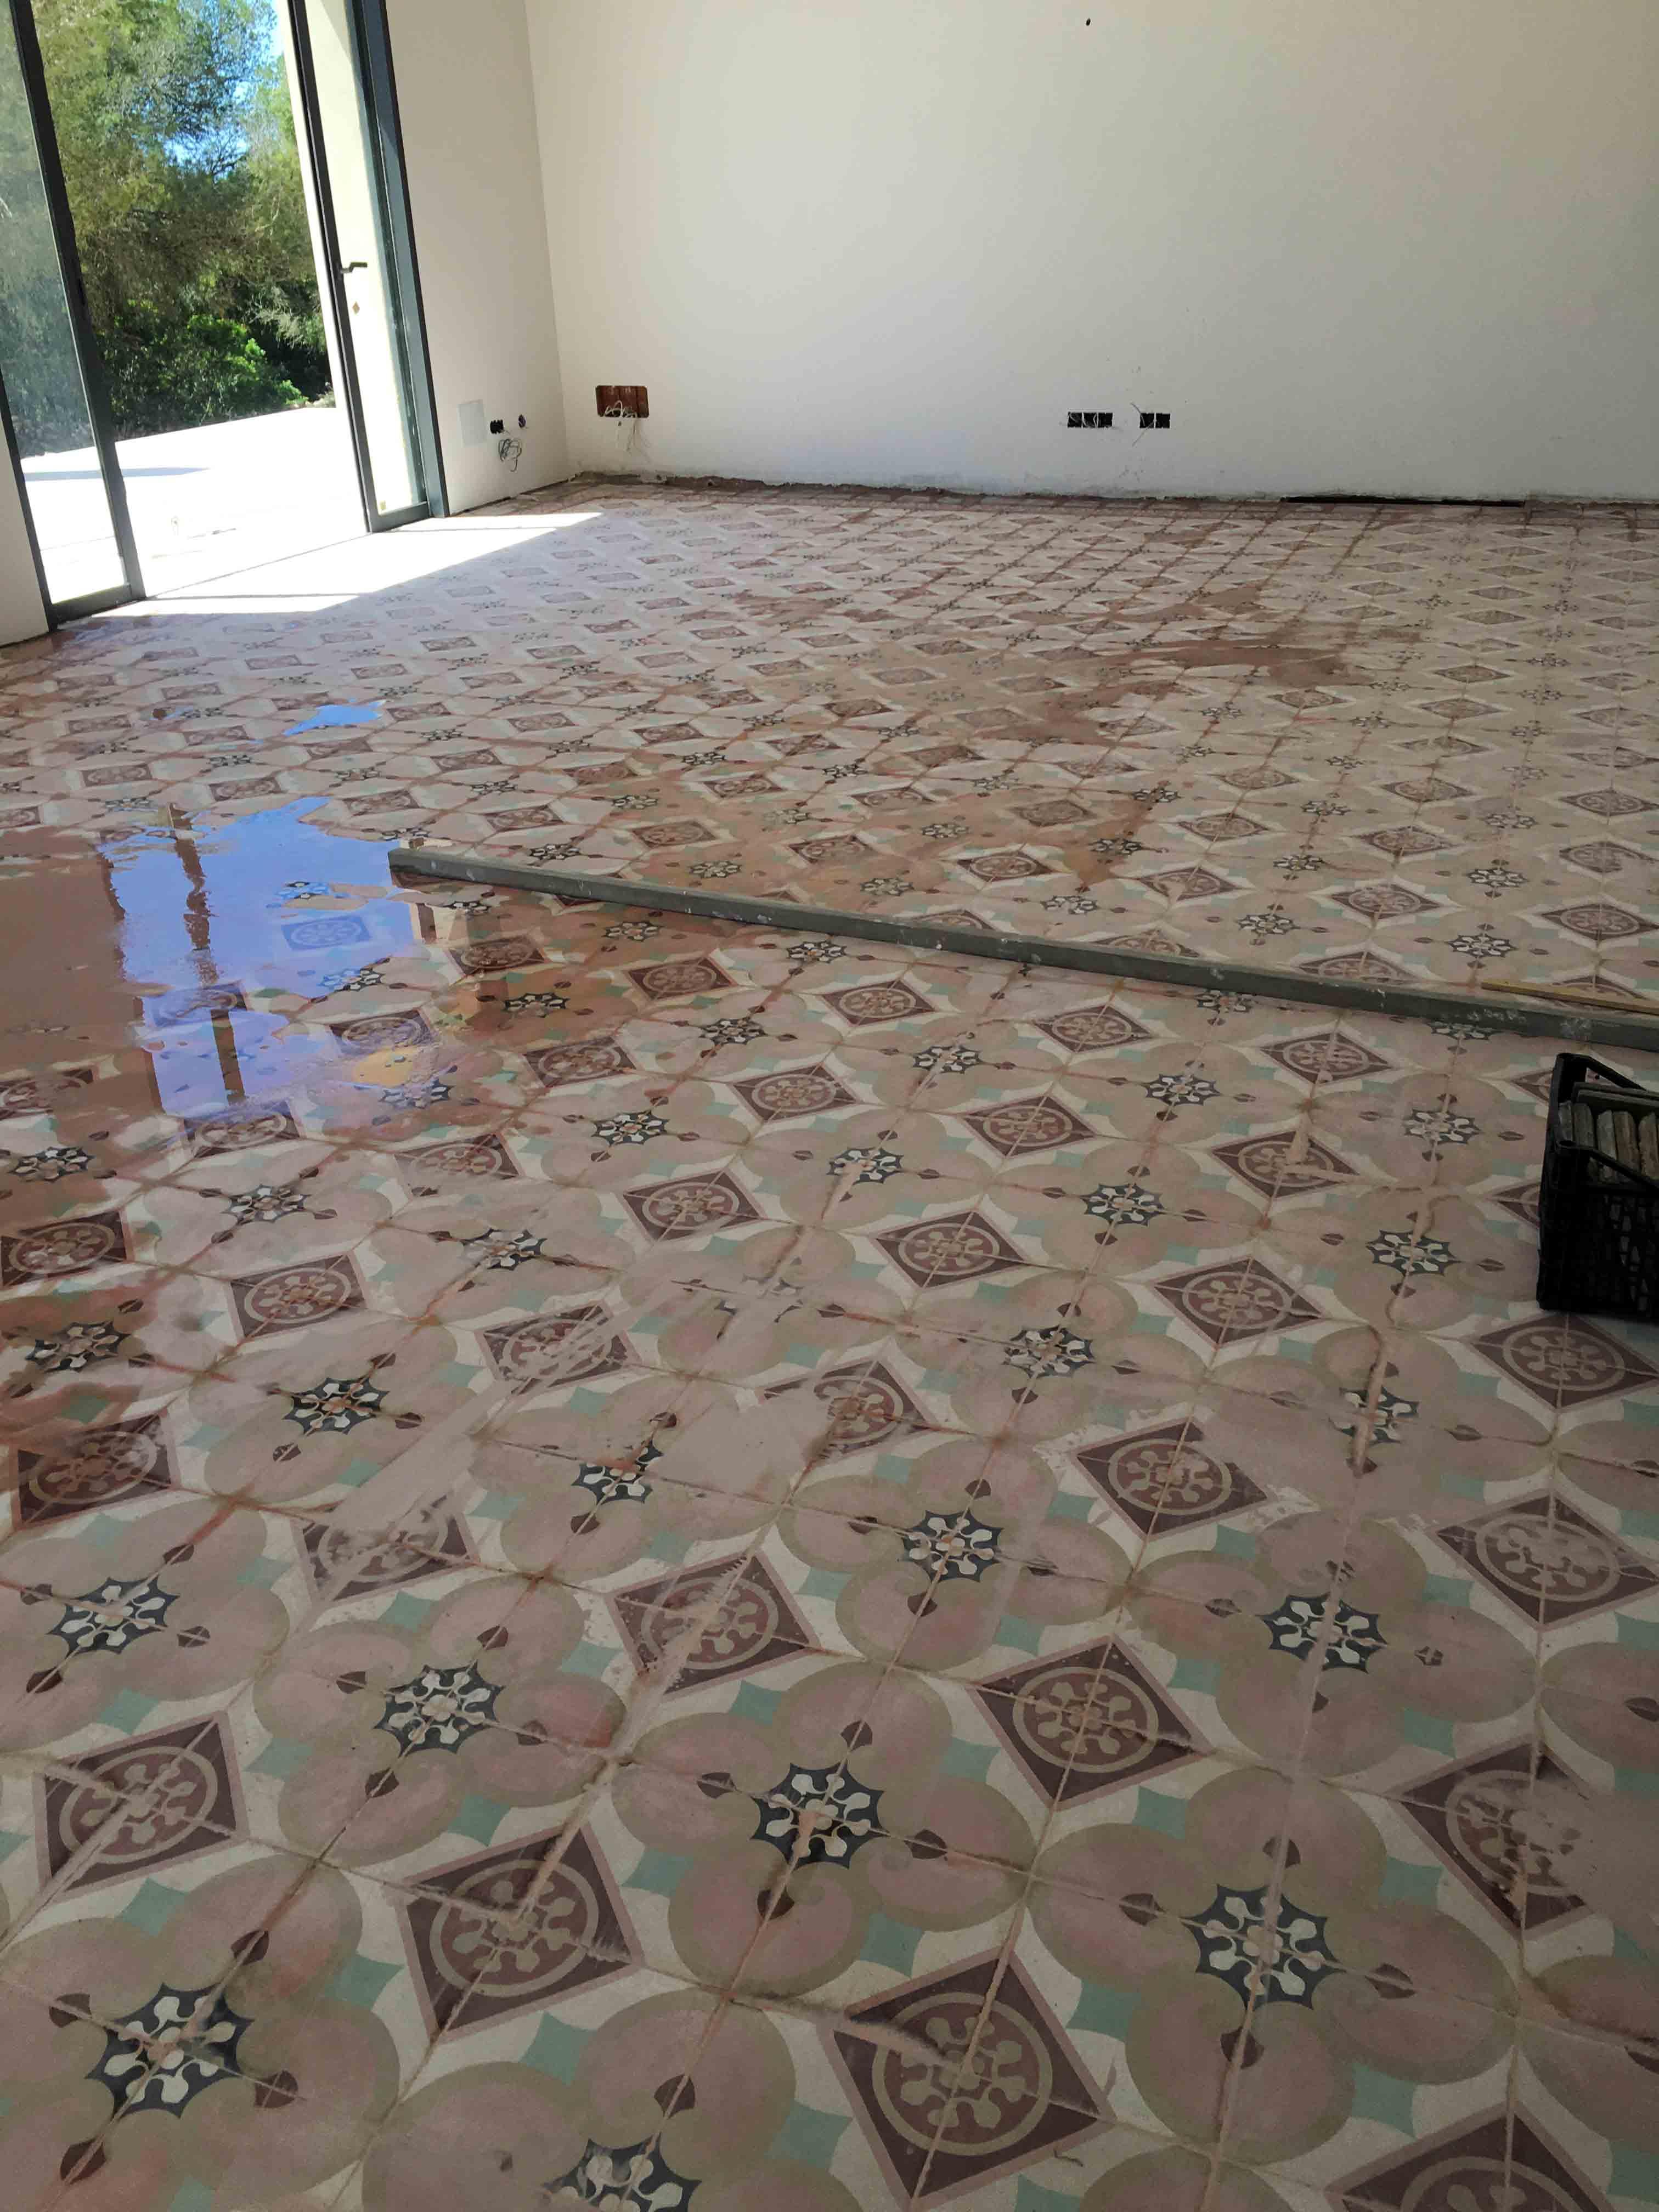 MosaicosBarcelona-Recuperacción-abrillantado-y-acristalado-de-suelos-de-mosaico-hidraulico-en-vivienda-en-Mallorca-1